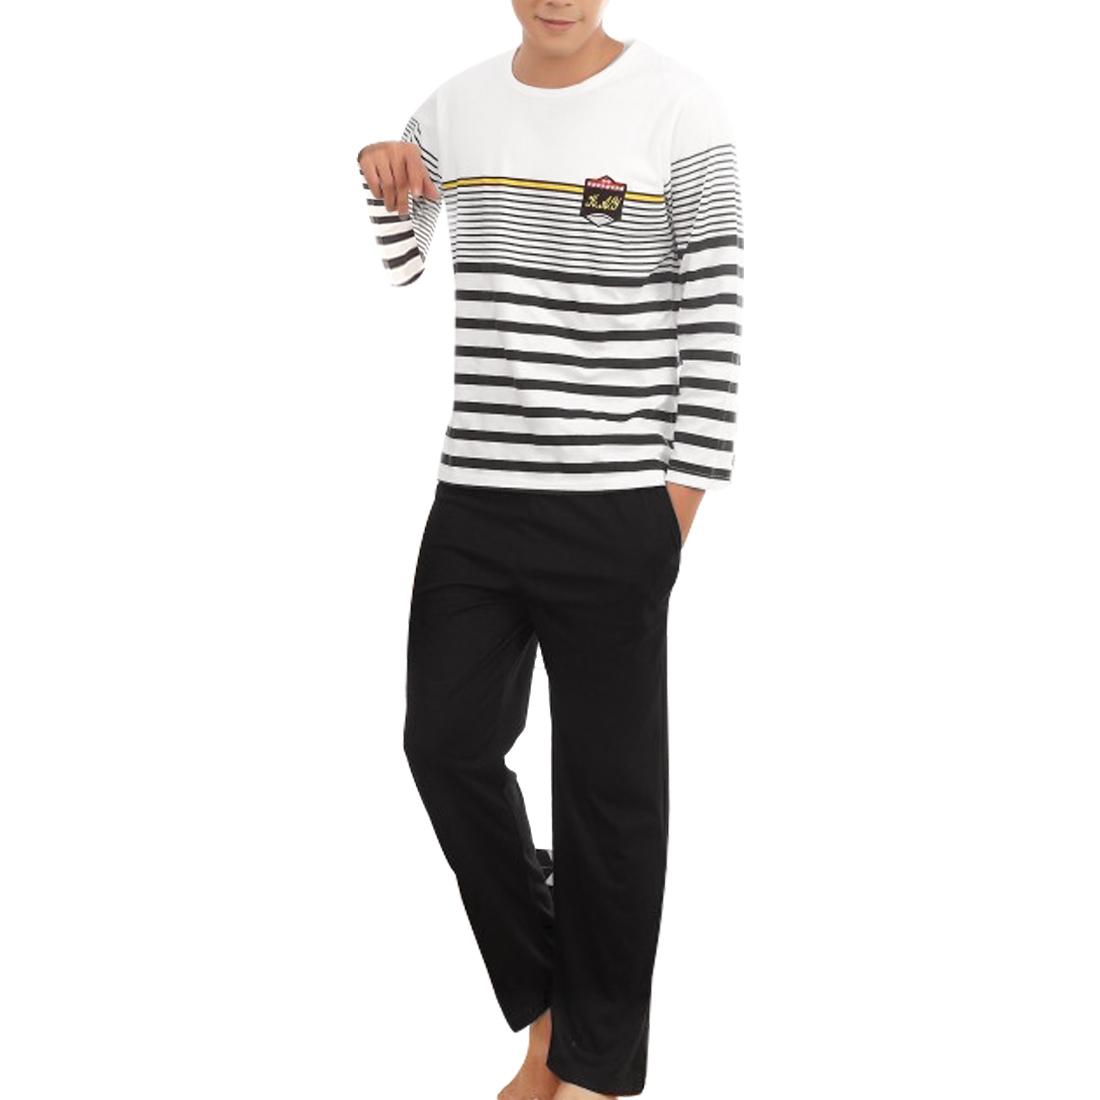 Men Autumn Spring Round Neck Black White Stripes Print Pajama Sets L